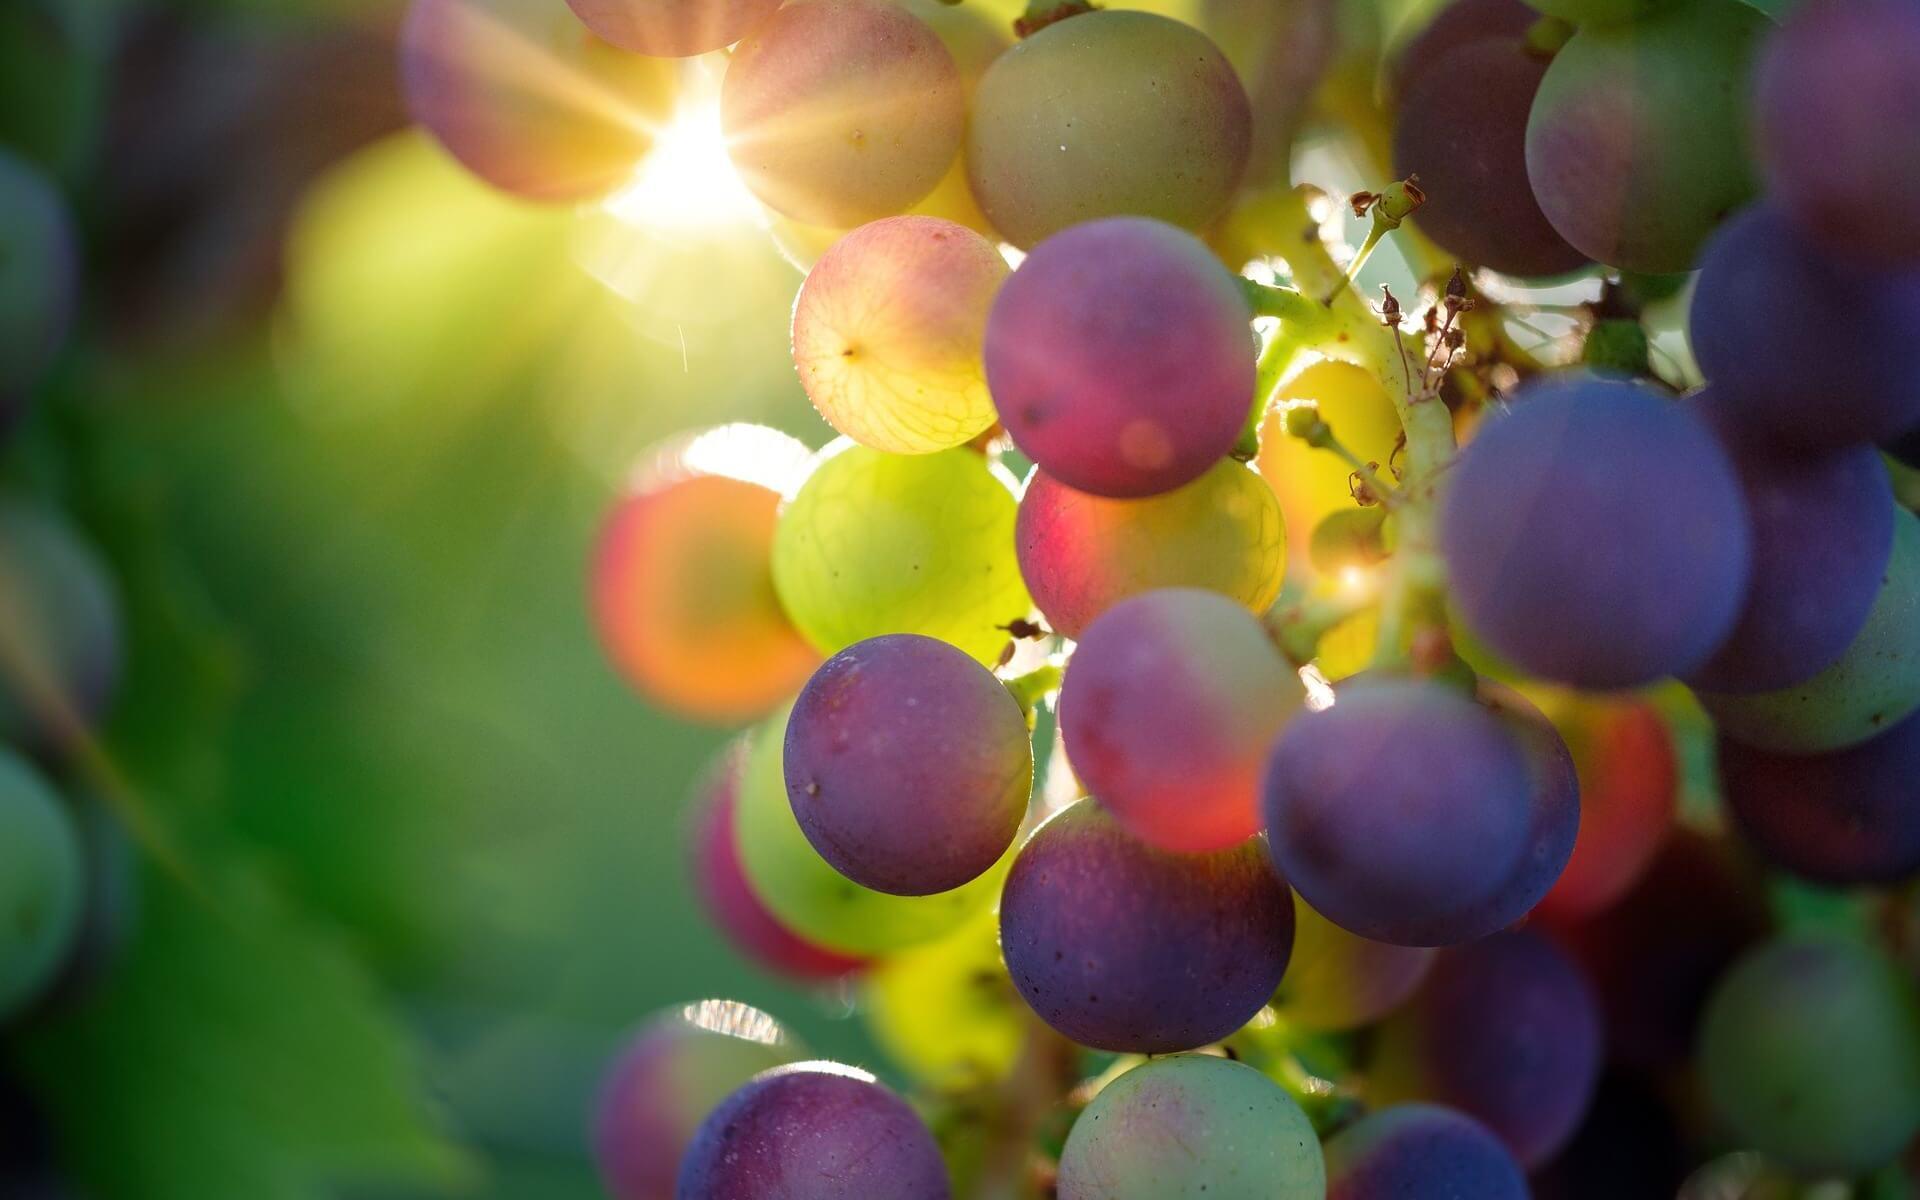 Trauben, Symbol für Fruchtbarkeit in der Welt